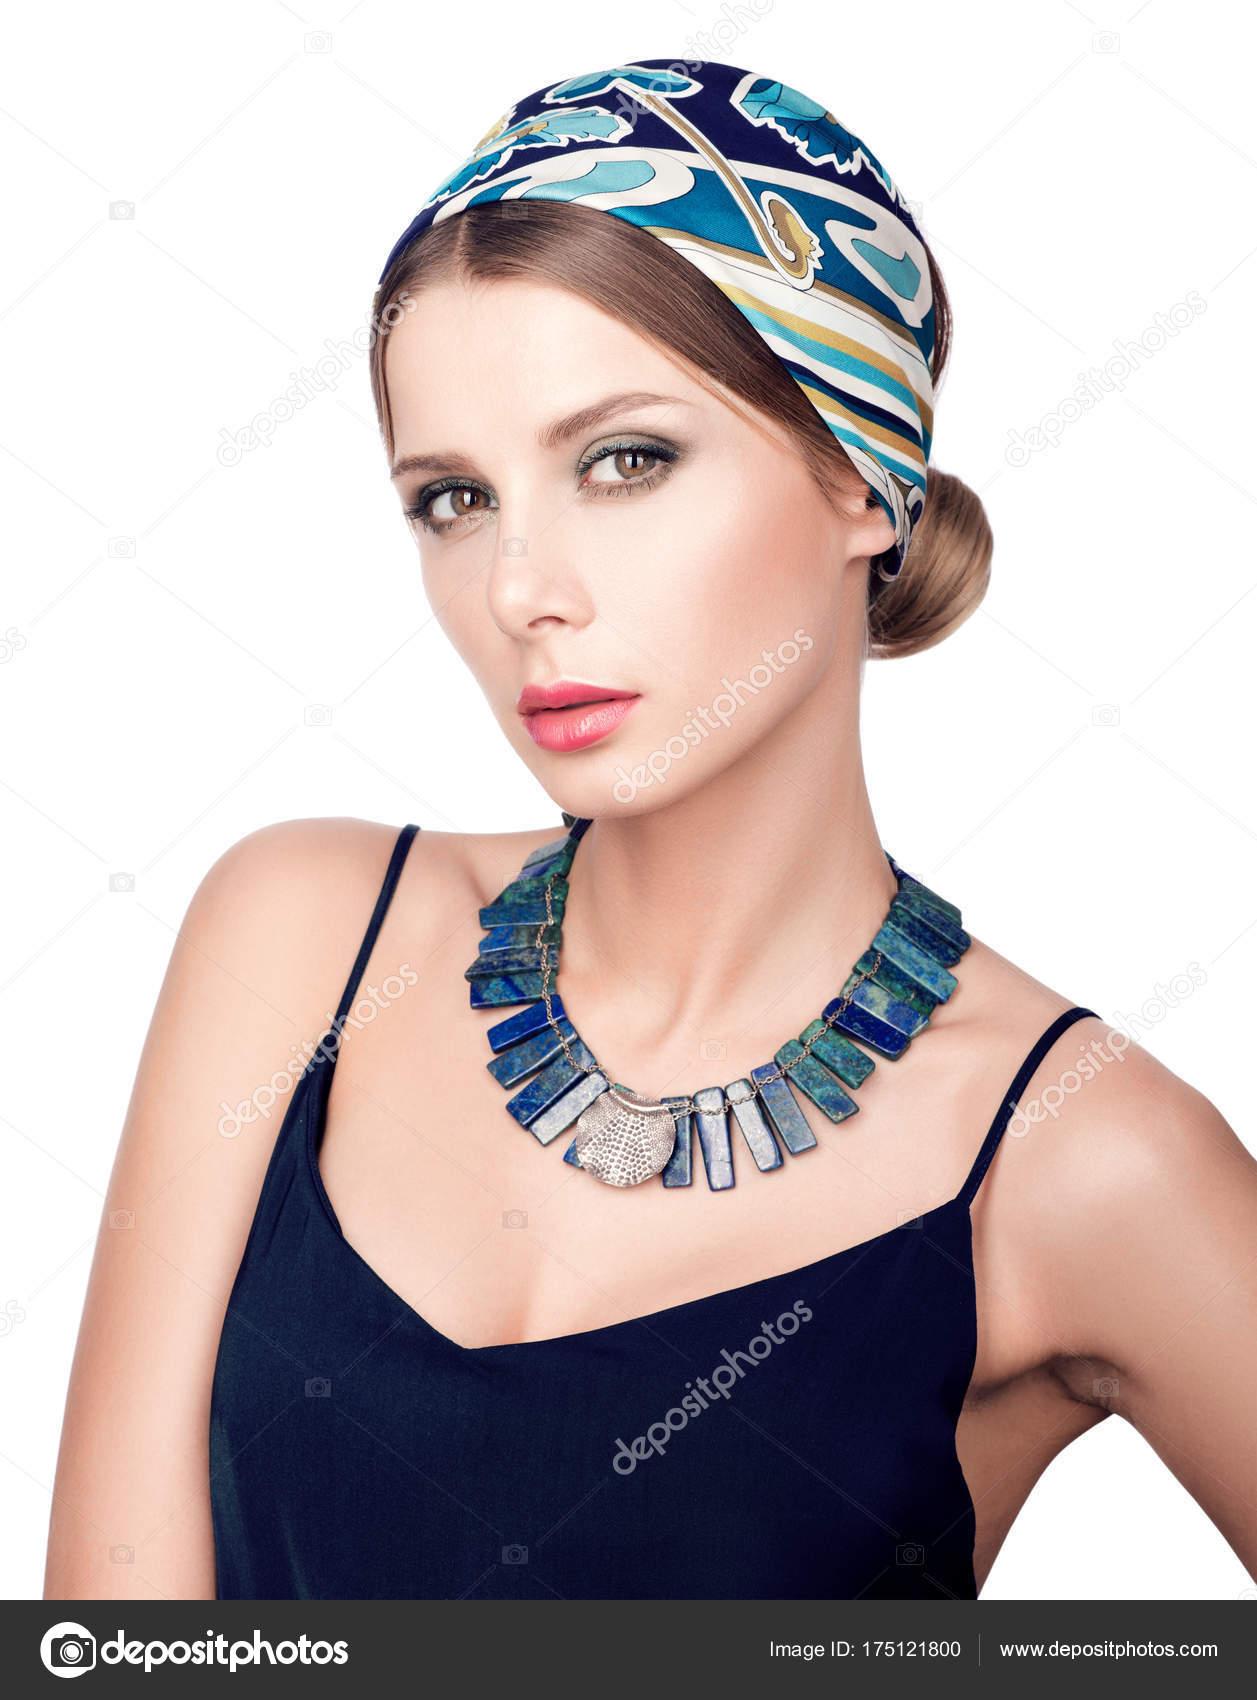 698b4ff74 Retrato de joven hermosa mujer en vestido azul oscuro en belleza.  Maquillaje de contraste. Aislado sobre fondo blanco — Foto de ...